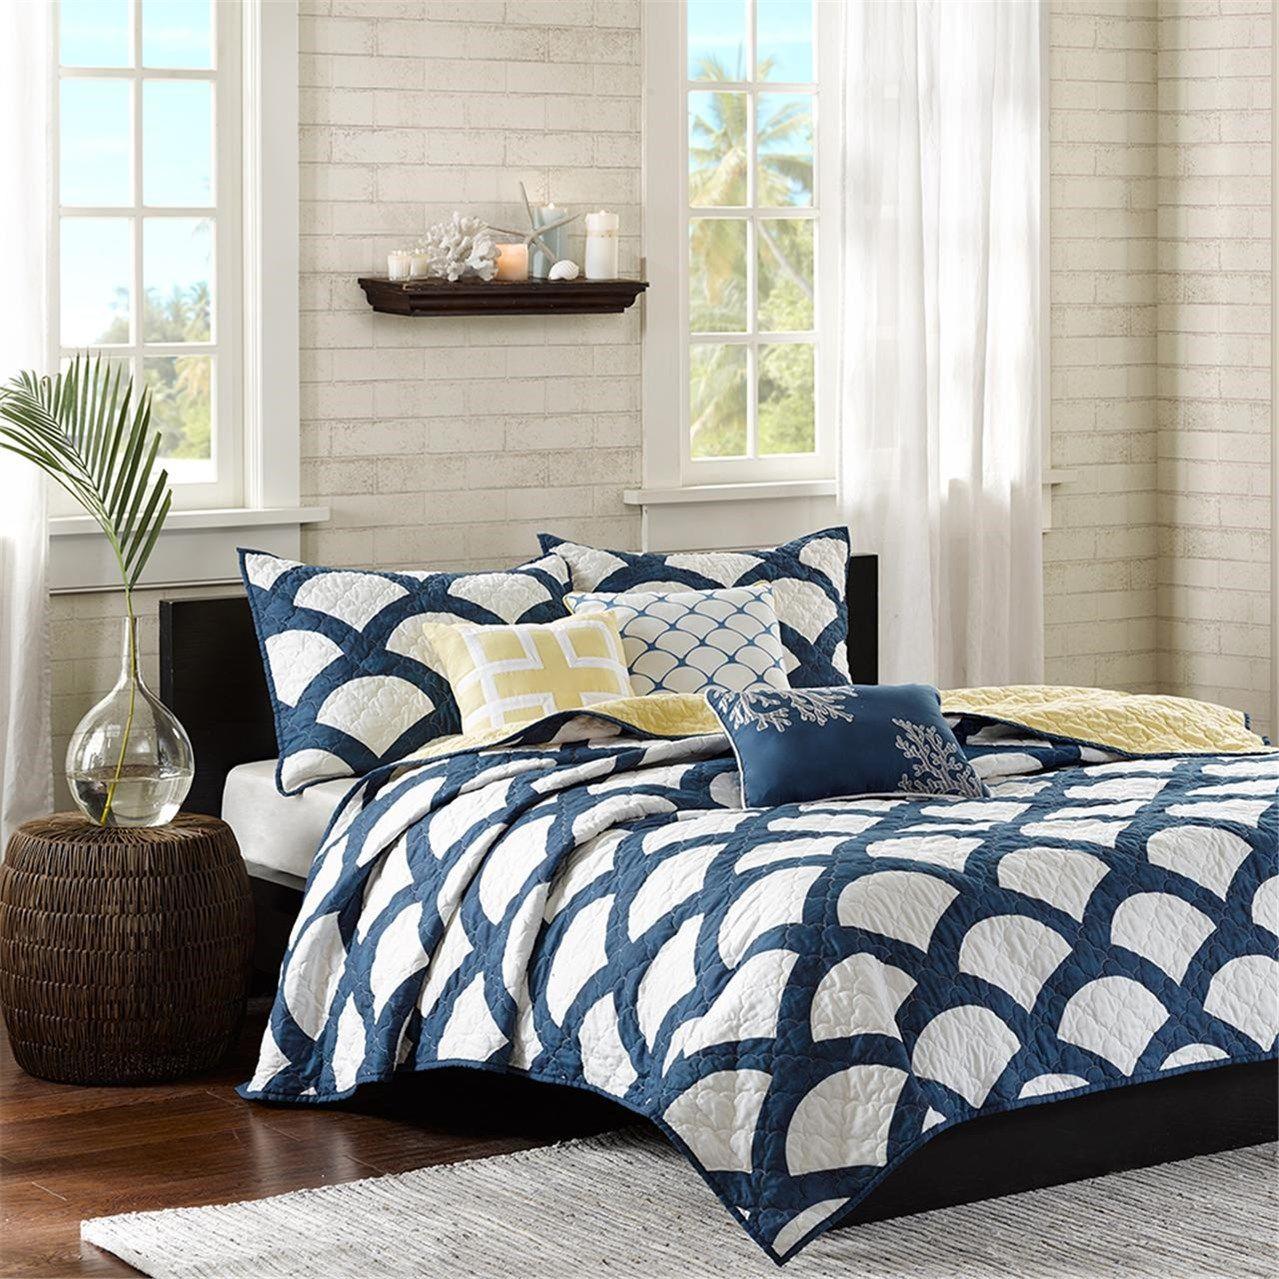 kokomo blue bedding set queen size white bedding set white